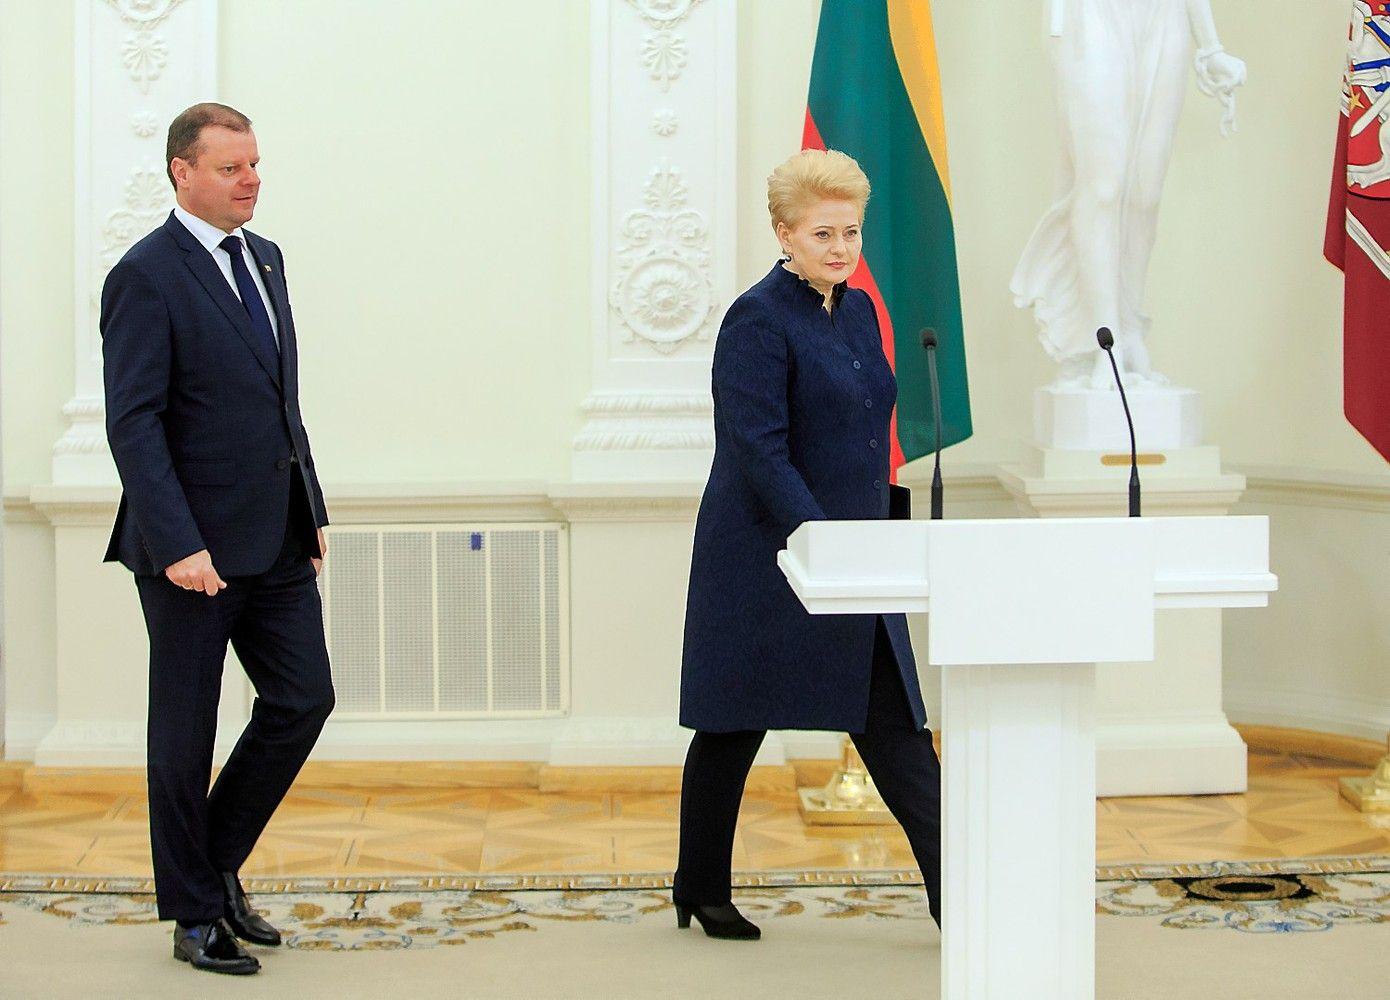 Prezidentė ir premjeras nesutaria dėl Lietuvossantykių su Rusija